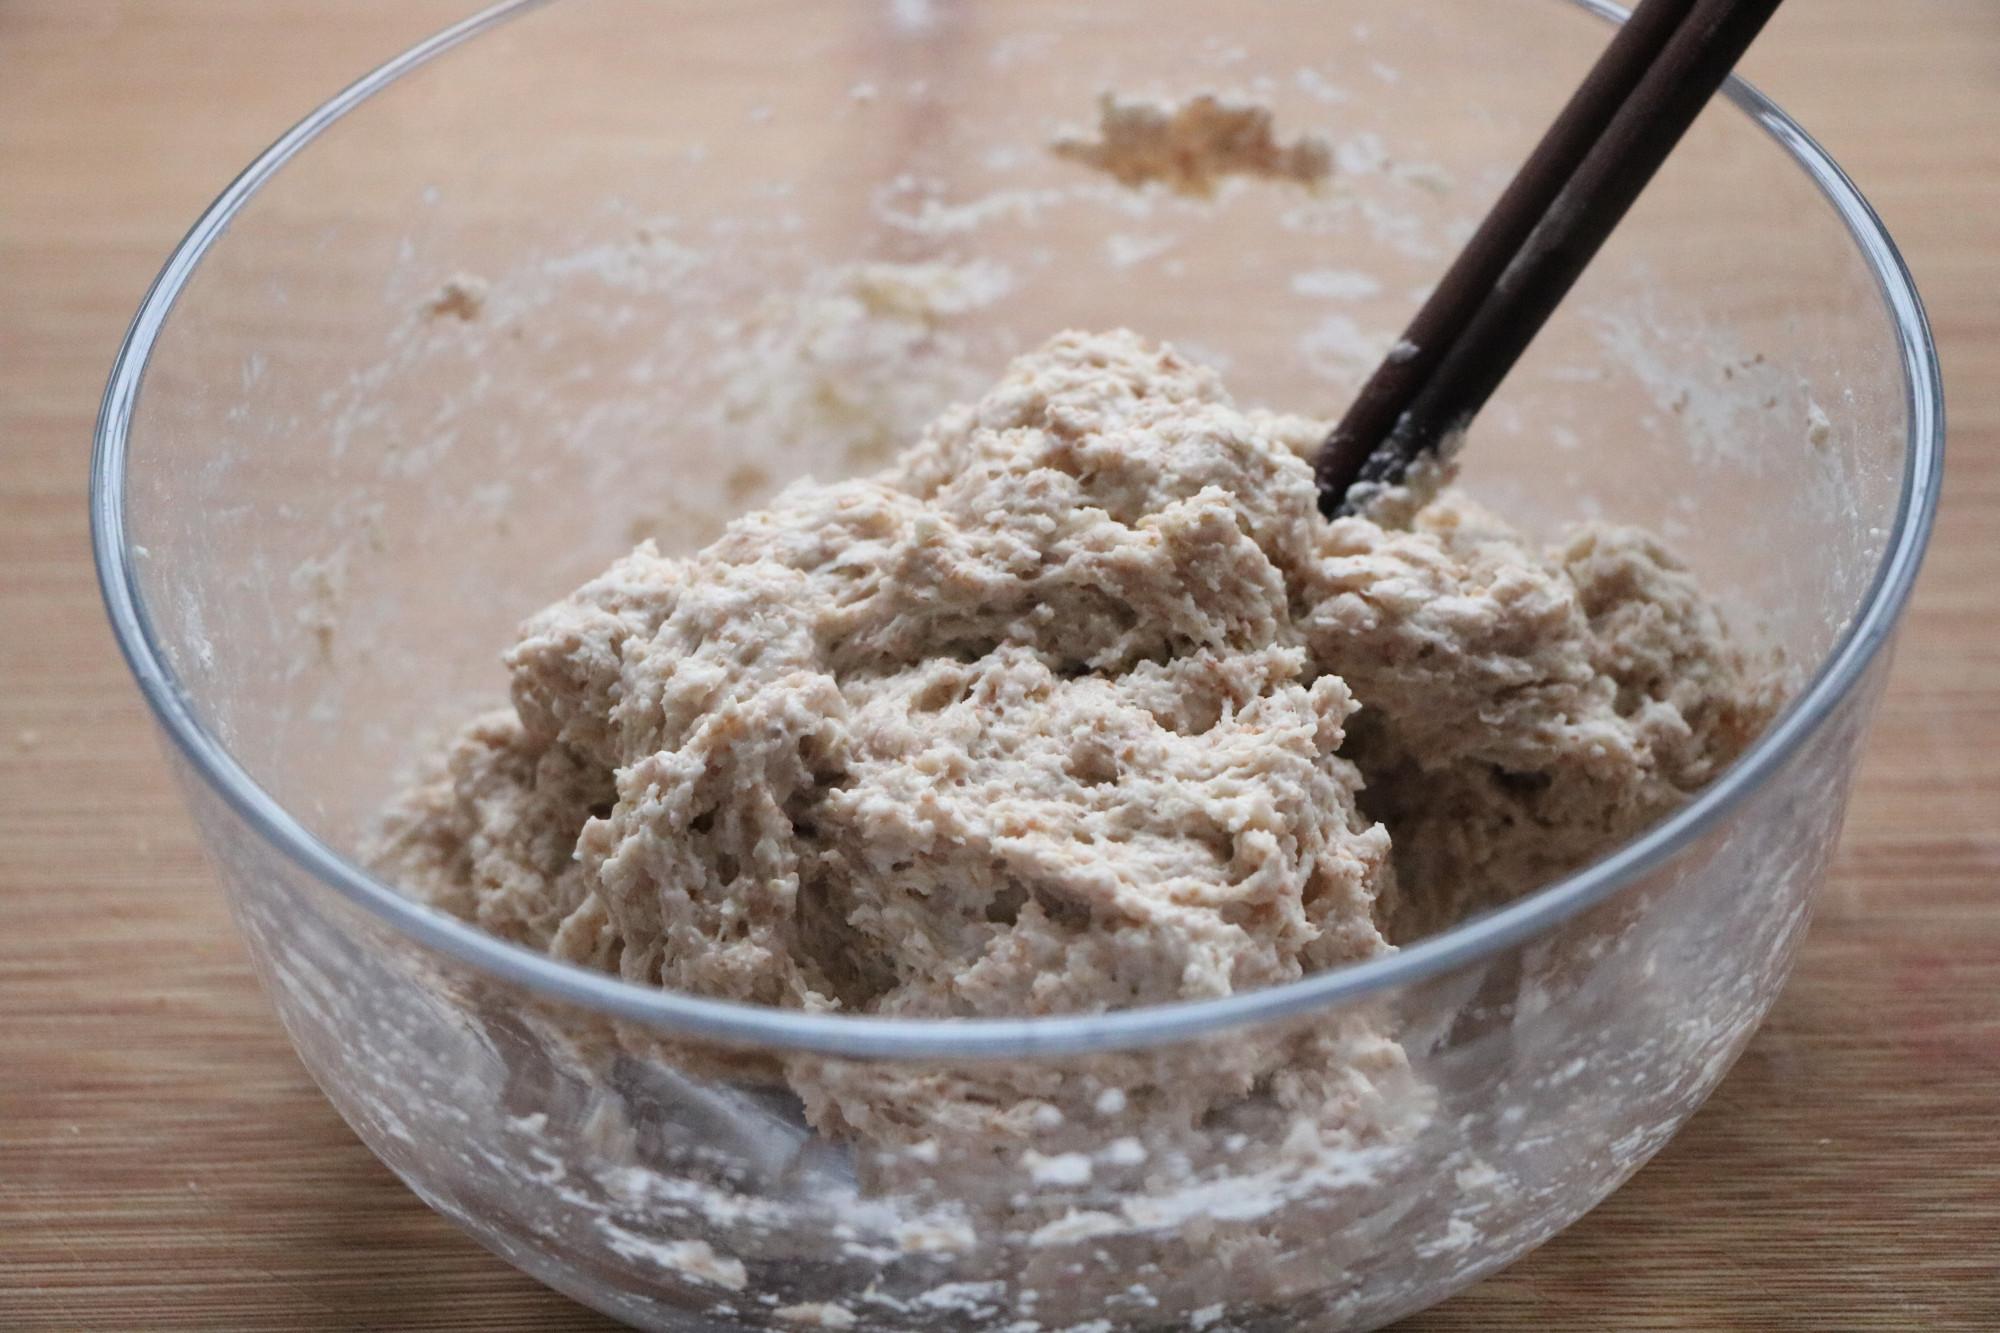 60%无糖低油的全麦吐司,终于找到柔软好吃的配方,减脂不发愁